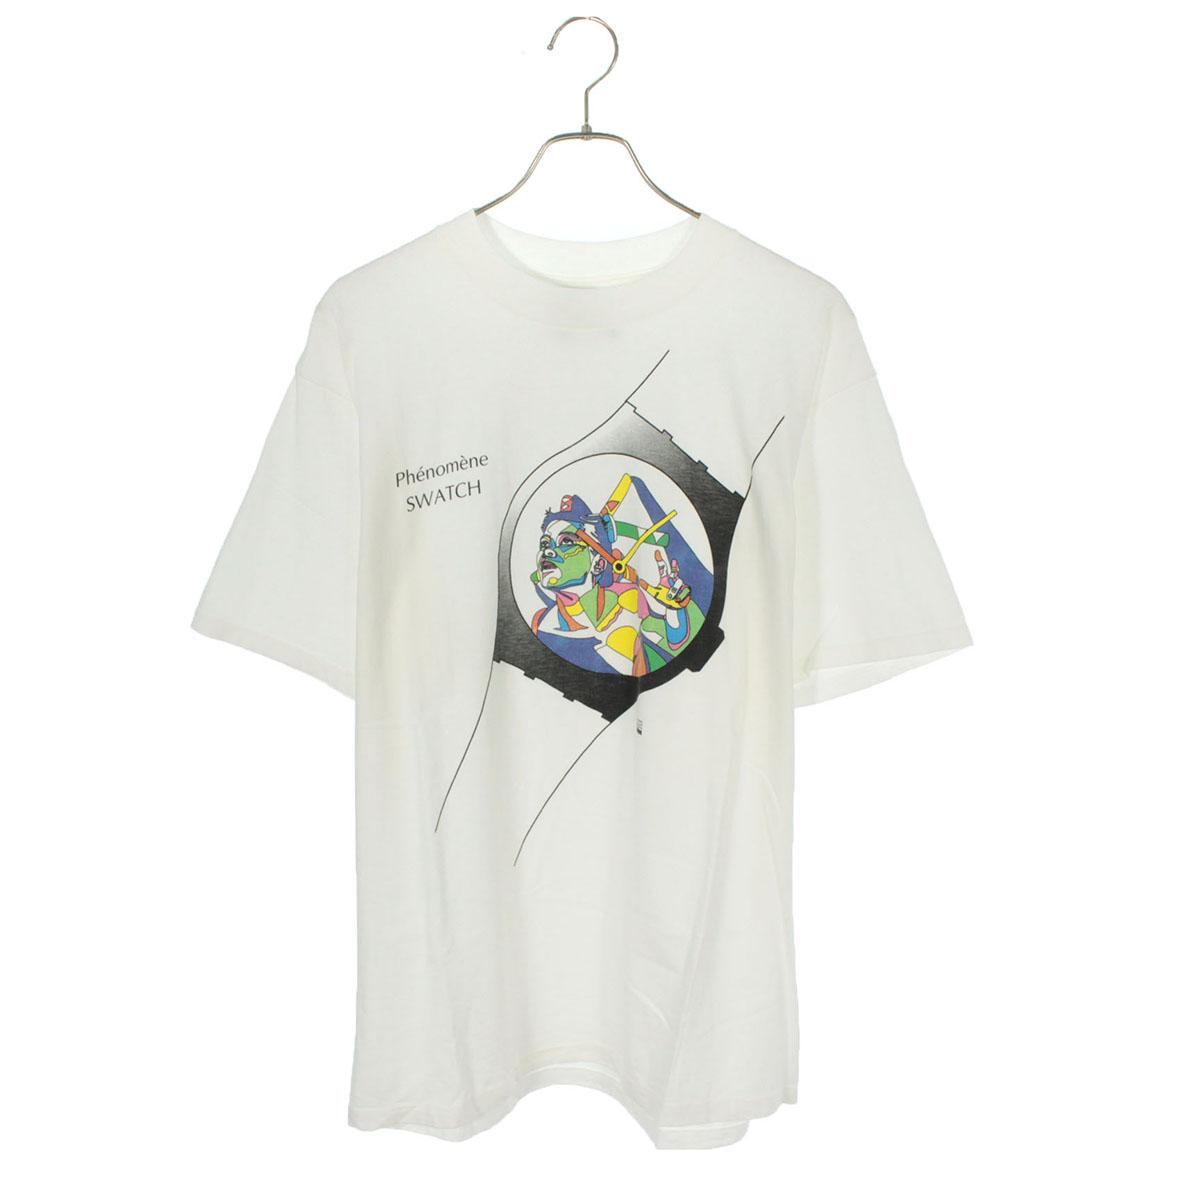 90s スウォッチ キキピカソ Tシャツ